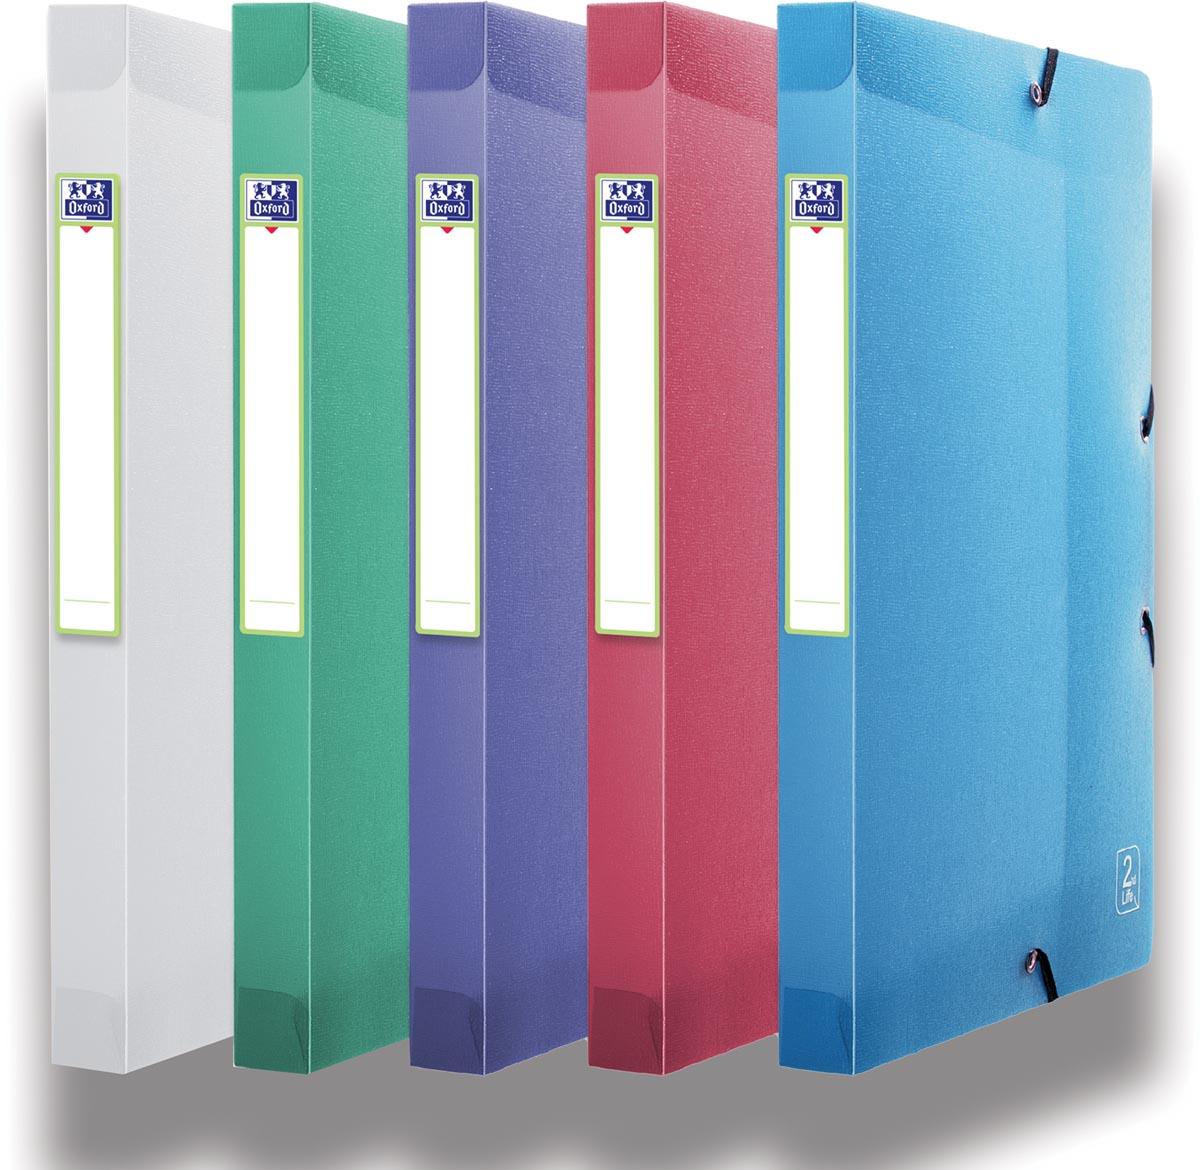 OXFORD 2nd Lide elastobox, formaat A4, uit PP, rug van 2,5 cm, geassorteerde kleuren